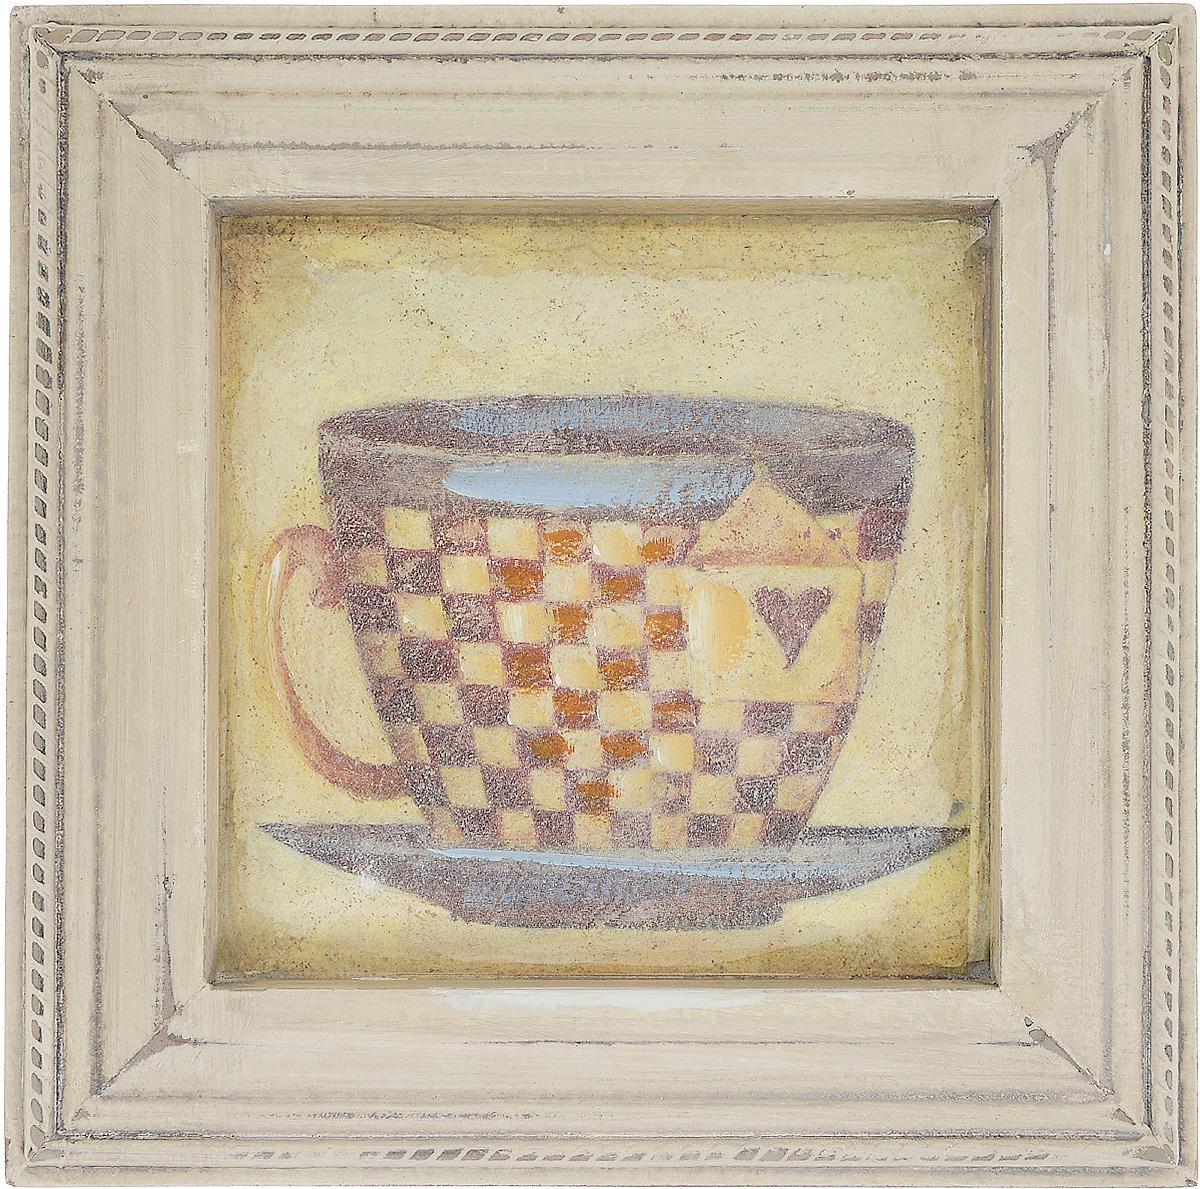 Картина-репродукция Феникс-Презент Чашка чая, 23,5 х 23,5 х 2 смUP210DFКартина-репродукция Феникс-презент Чашка чая в рамке из МДФ выполнена печатью на бумаге с ручной подрисовкой. На оборотной стороне имеется петля для подвешивания на стену.Такая картина - вдохновляющее декоративное решение, привносящее в интерьер нотки творчества и изысканности! Благодаря оригинальному дизайну картина Чашка чая дополнит интерьер любого помещения, а также сможет стать изысканным подарком для ваших друзей и близких.